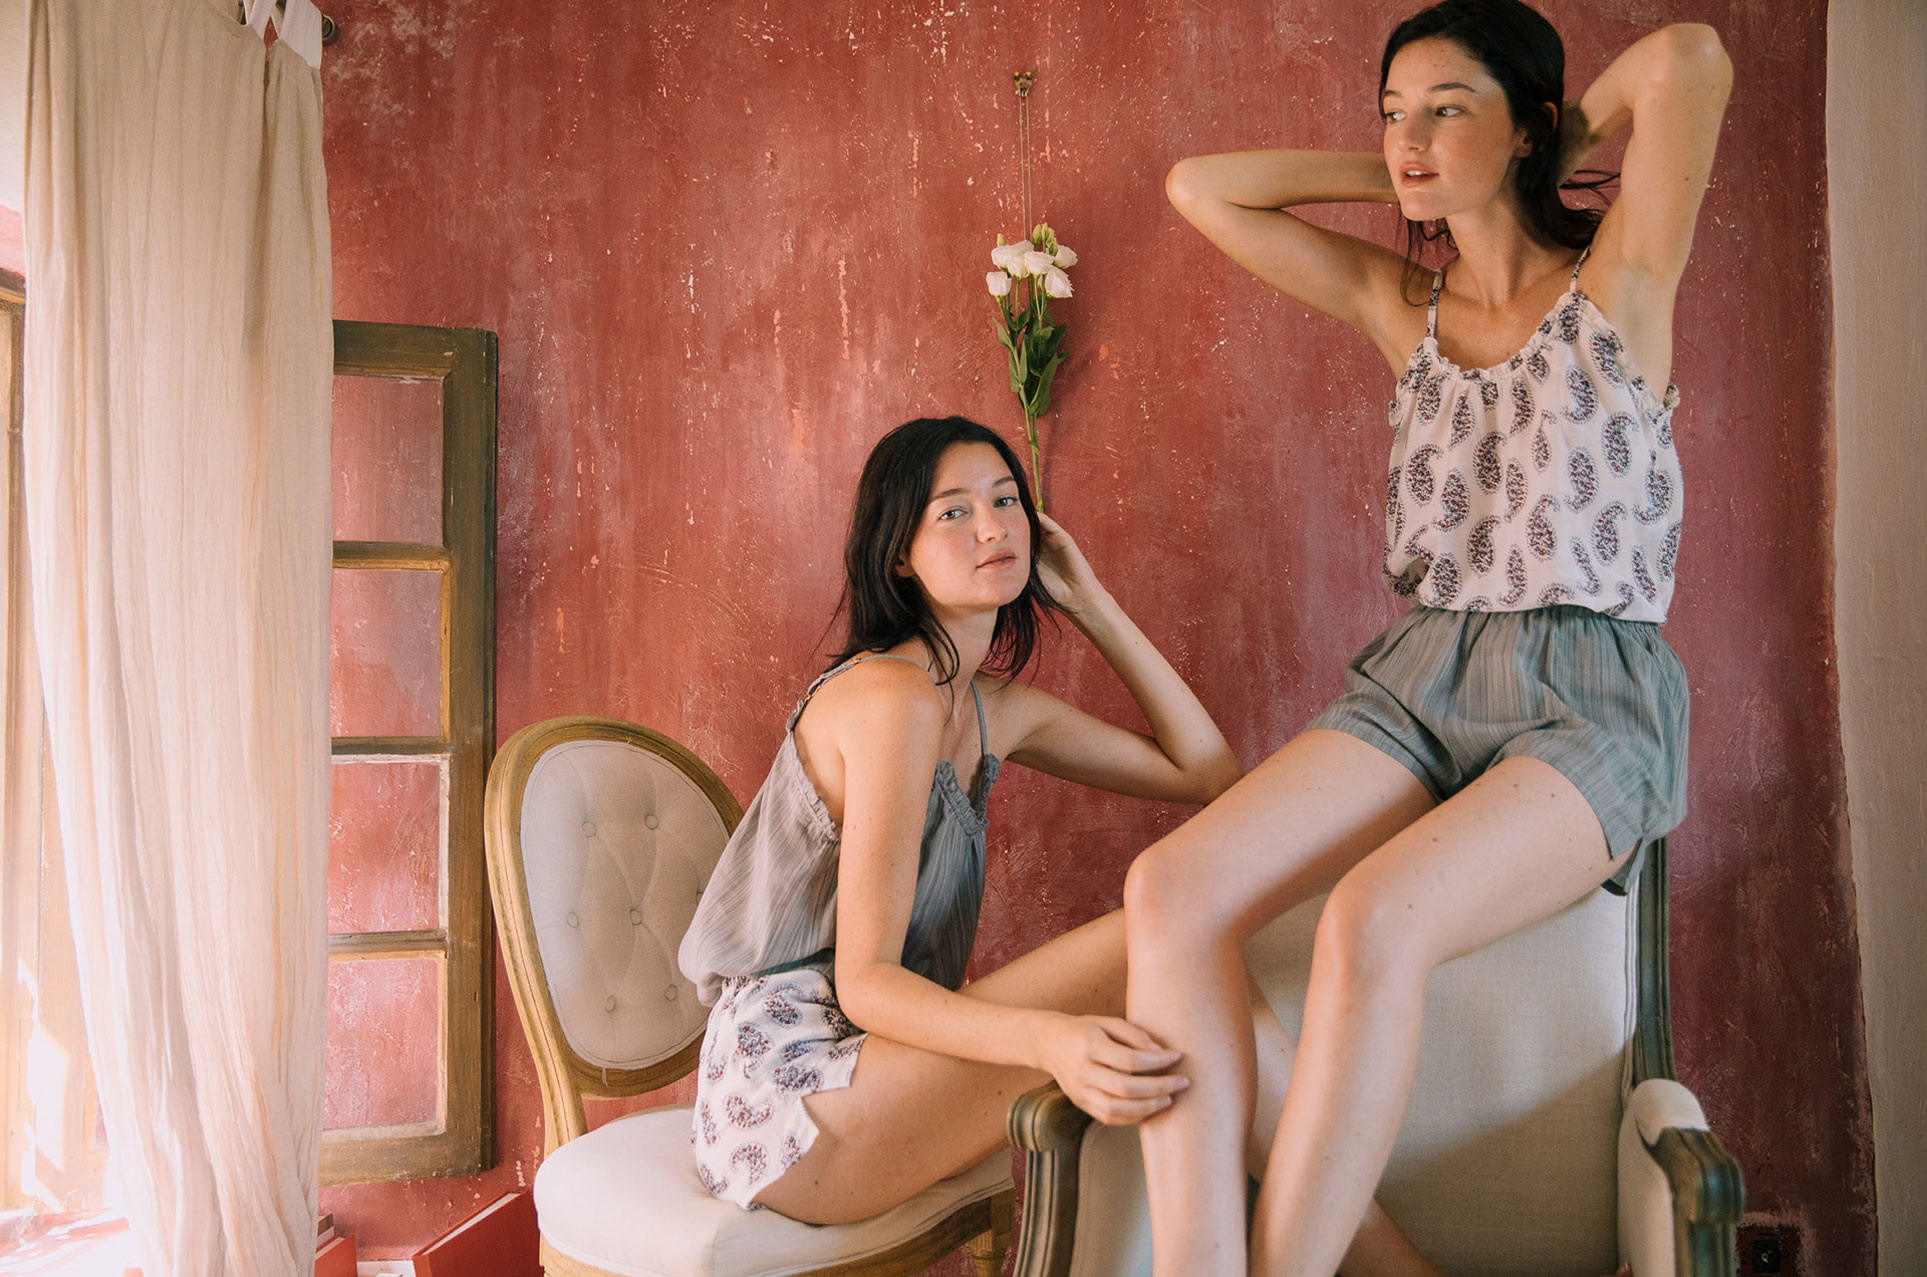 Сестры Бечини в рекламной кампании нижнего белья и домашней одежды Germaine Des Prrs / фото 01